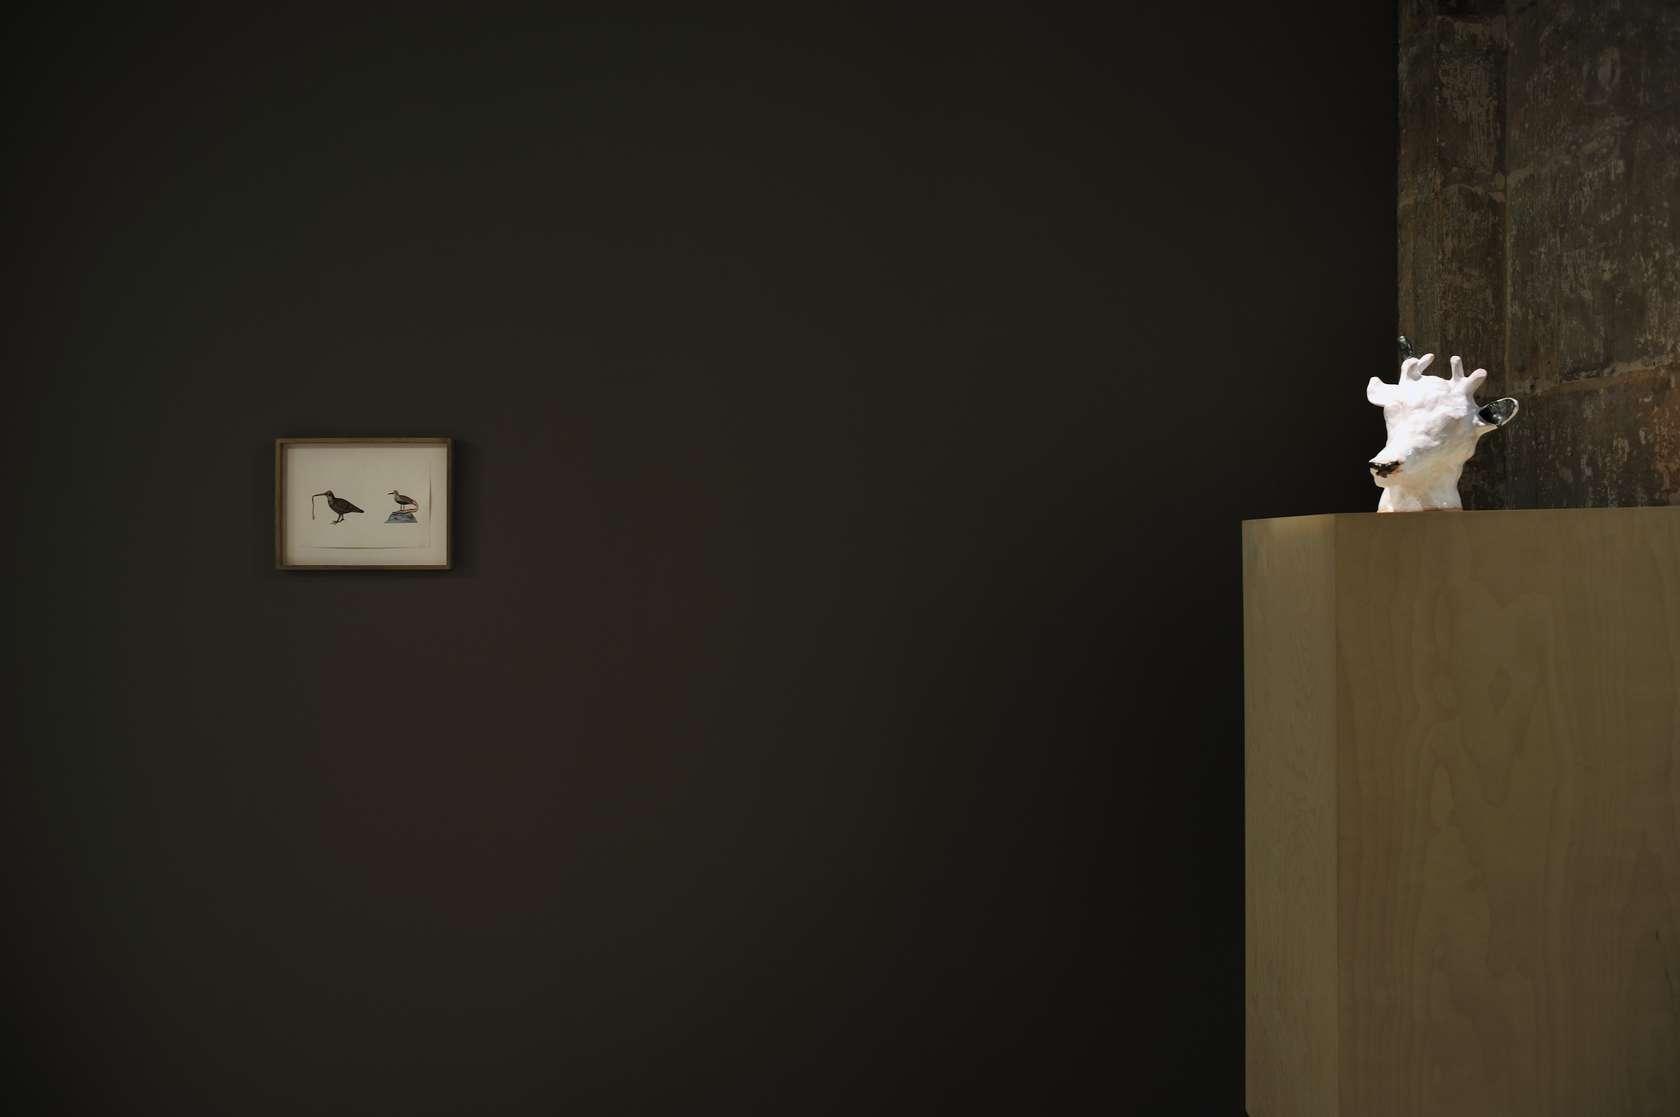 Jean-Marie Appriou, Guillaume Dégé, Hippolyte Hentgen, Laurent Le Deunff, Françoise Pétrovitch, Présence Panchounette & Taroop & Glabel, Pavillon de Chasse (group)  24 novembre  — 29 décembre 2012